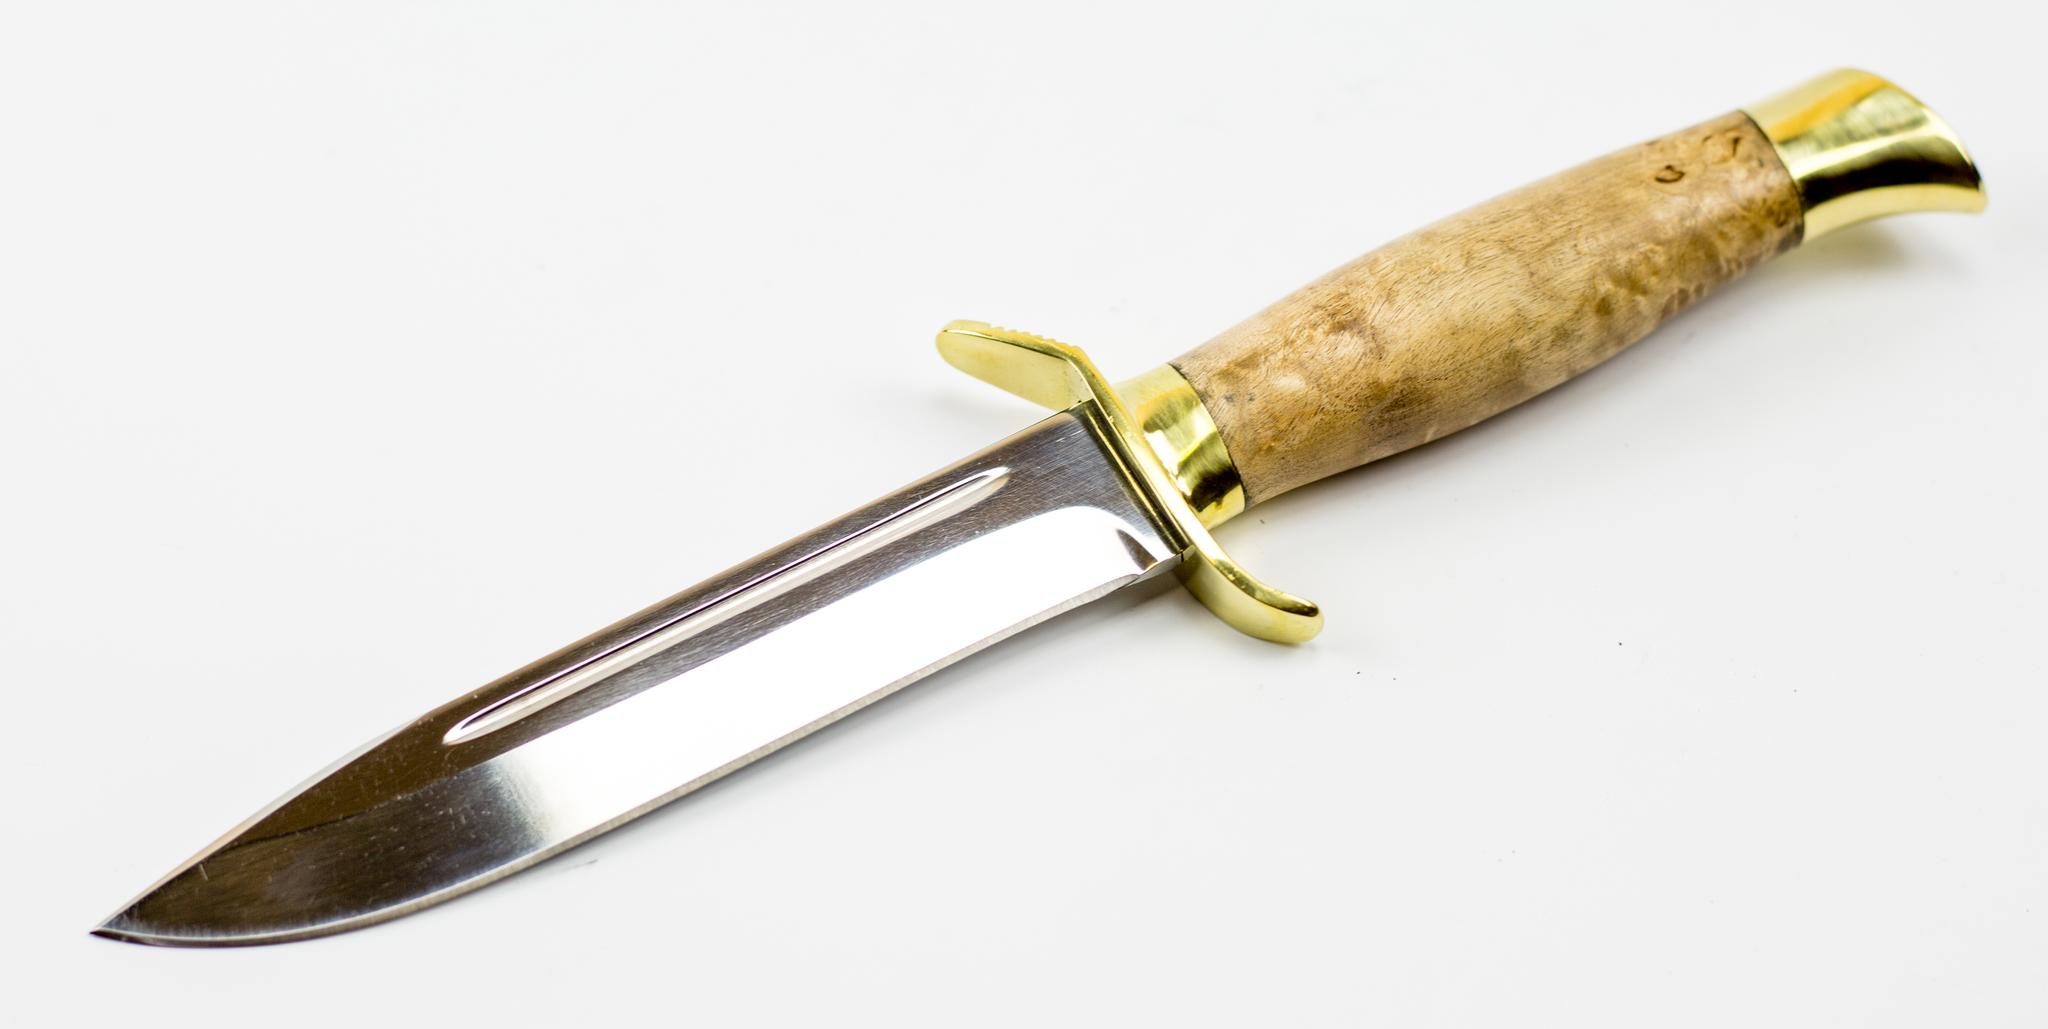 Нож НР-40, карельская березаНожи разведчика НР, Финки НКВД<br>Модель: НР-40Сталь клинка:95Х18Материал гарды: ЛатуньМатериал рукояти: Карельская березаТвердость клинка (HRC):59Общая длина (мм): 270Длина клинка (мм): 150Длина рукояти (мм): 117Ширина клинка (мм): 24Толщина рукояти (мм): 23Толщина обуха (мм): 2,4<br>Смотреть все ножи разведчика НР и финки НКВД.<br>